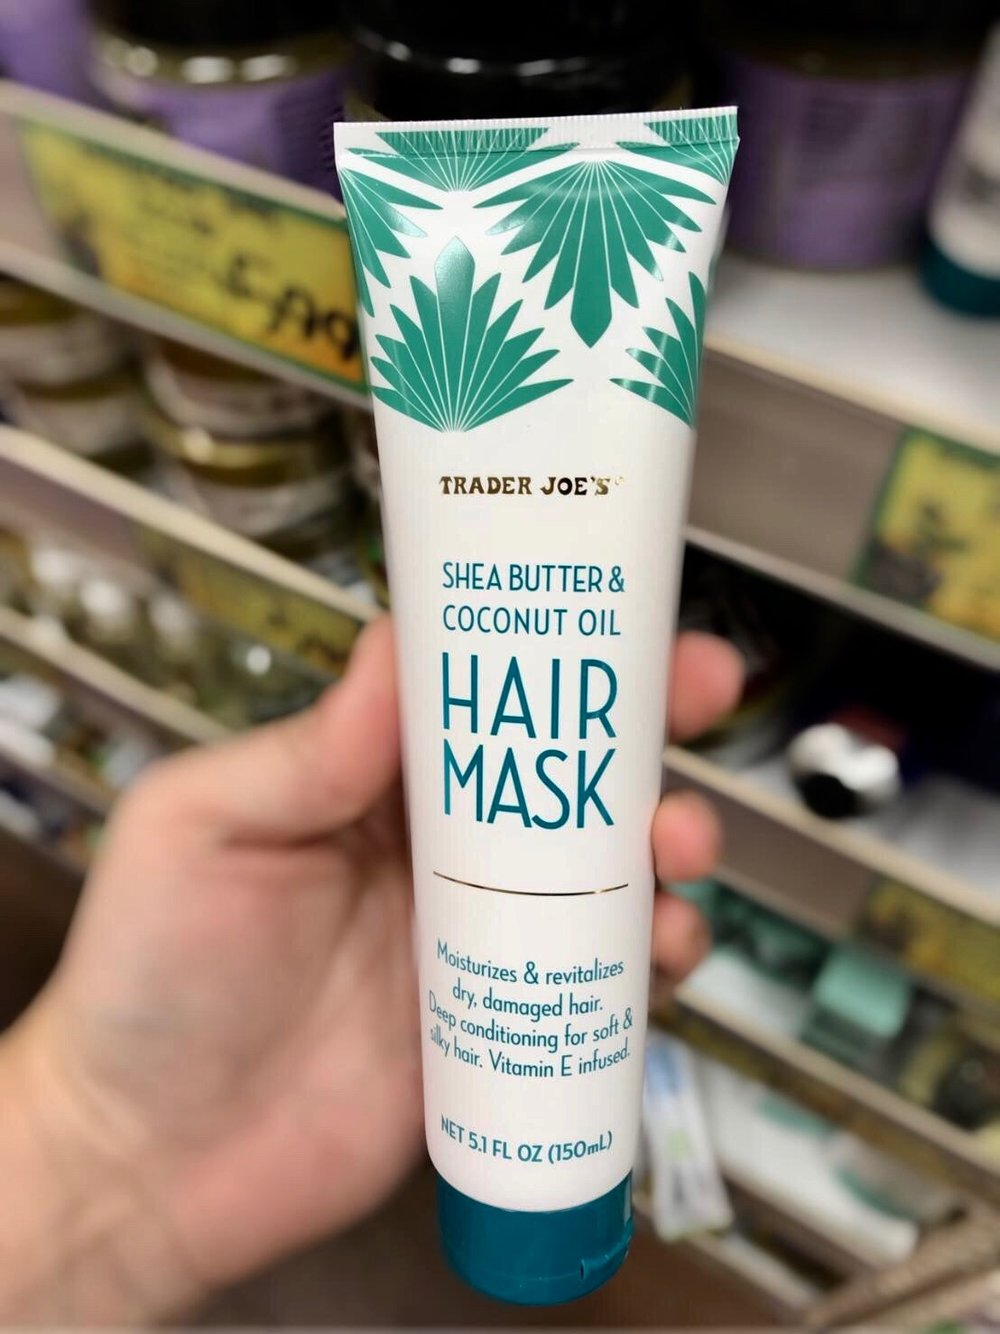 trader joe's Hair Mask.jpg